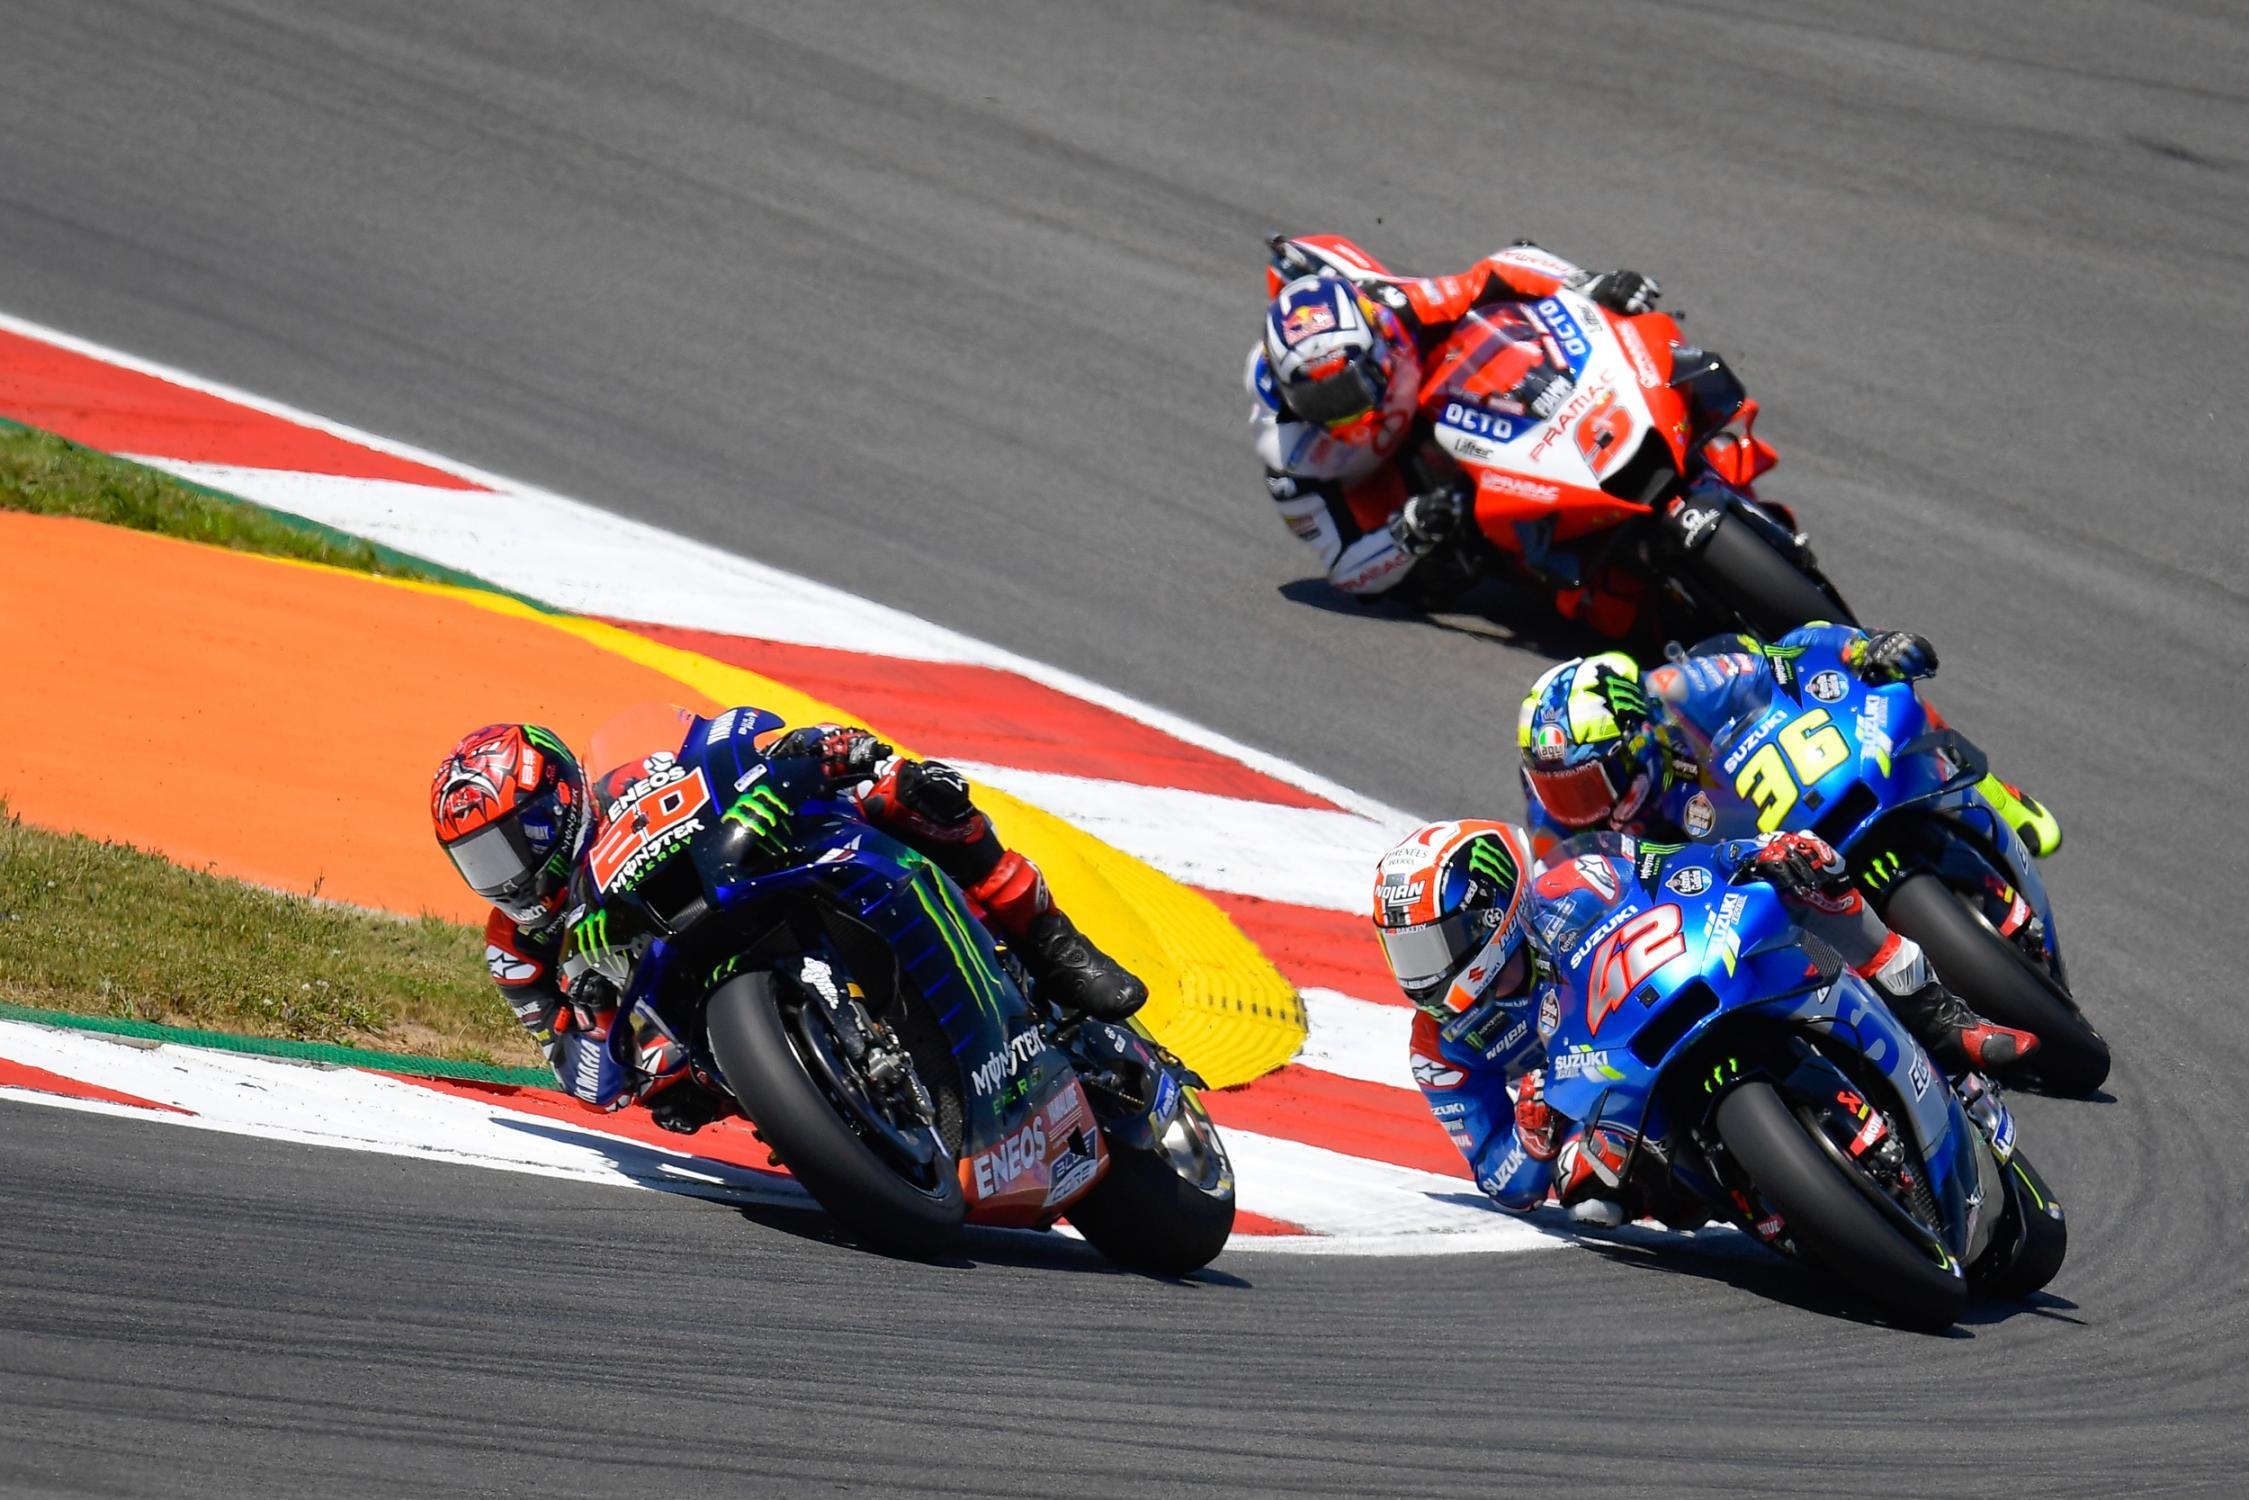 Calendrier Piste Moto 2022 Calendrier : Les rotations Espagne/Portugal bientôt en MotoGP – GP